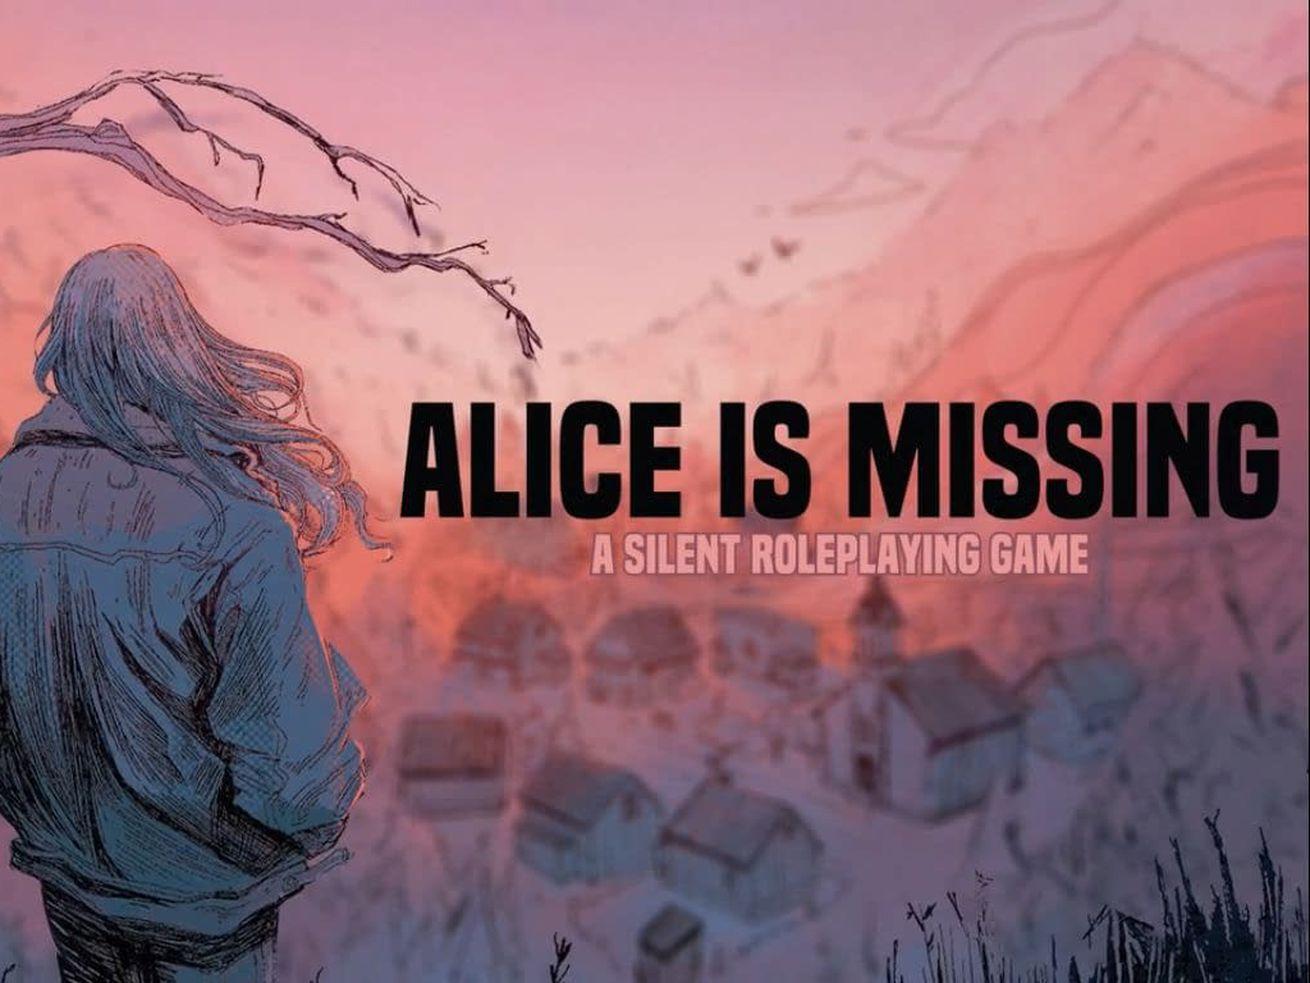 La couverture d'Alice Is Missing montre une femme surplombant une petite ville